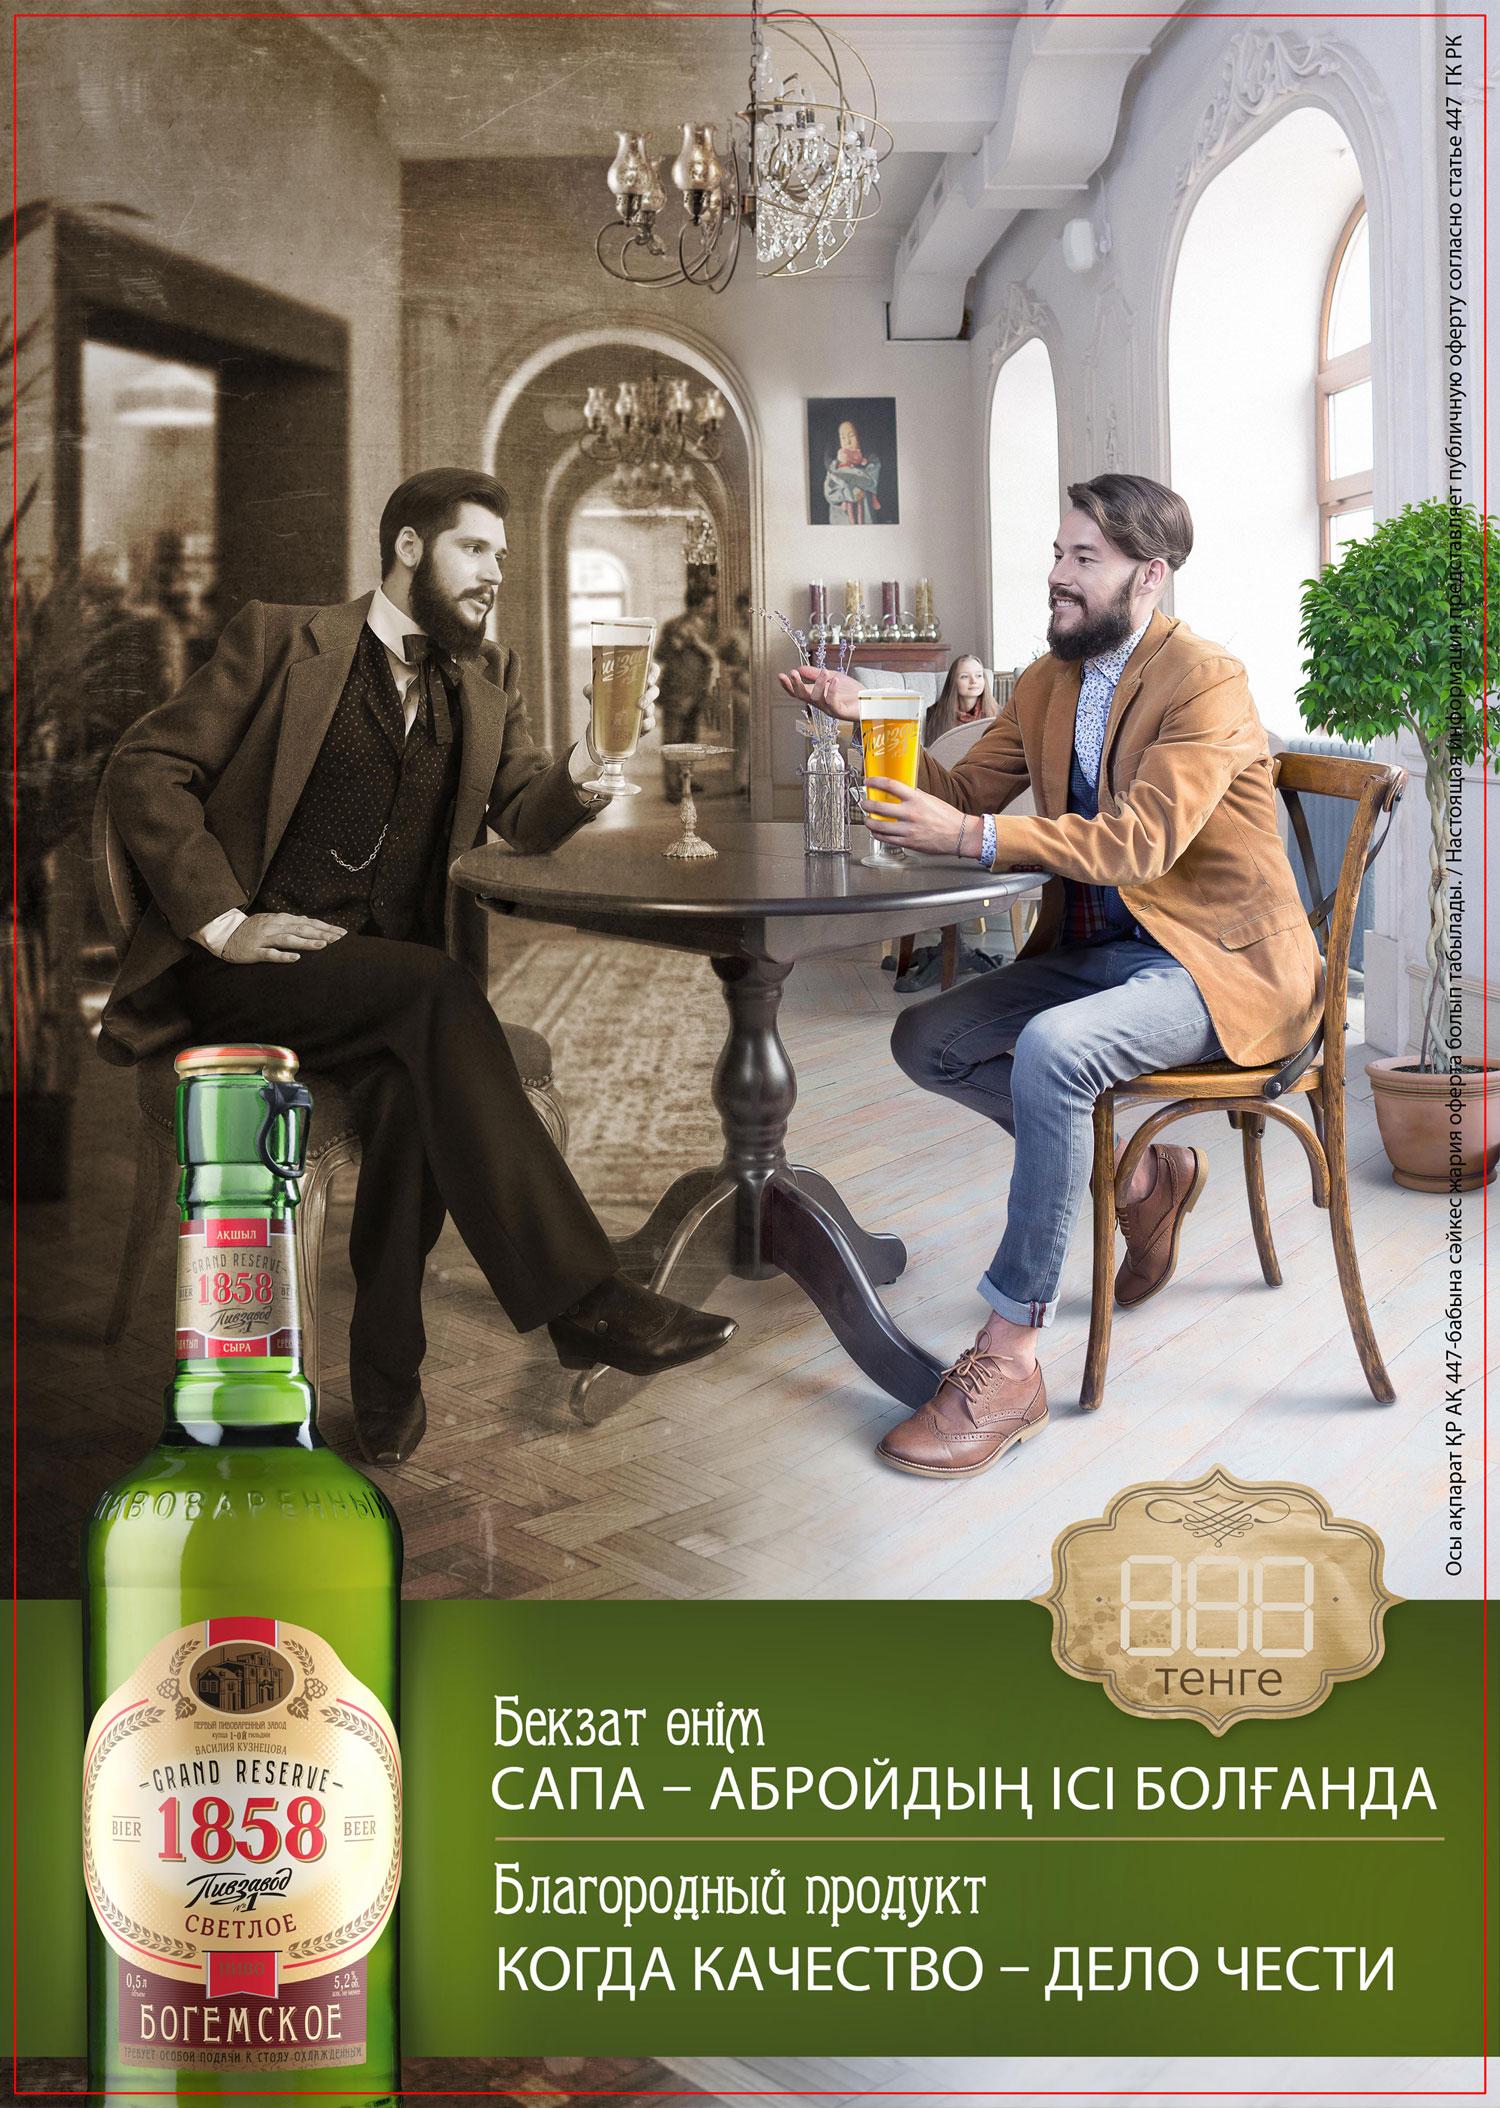 """Казахстан. """"Первый Пивзавод"""" выпустил новый бренд «1858 Пивзавод №1» сорт Богемское."""